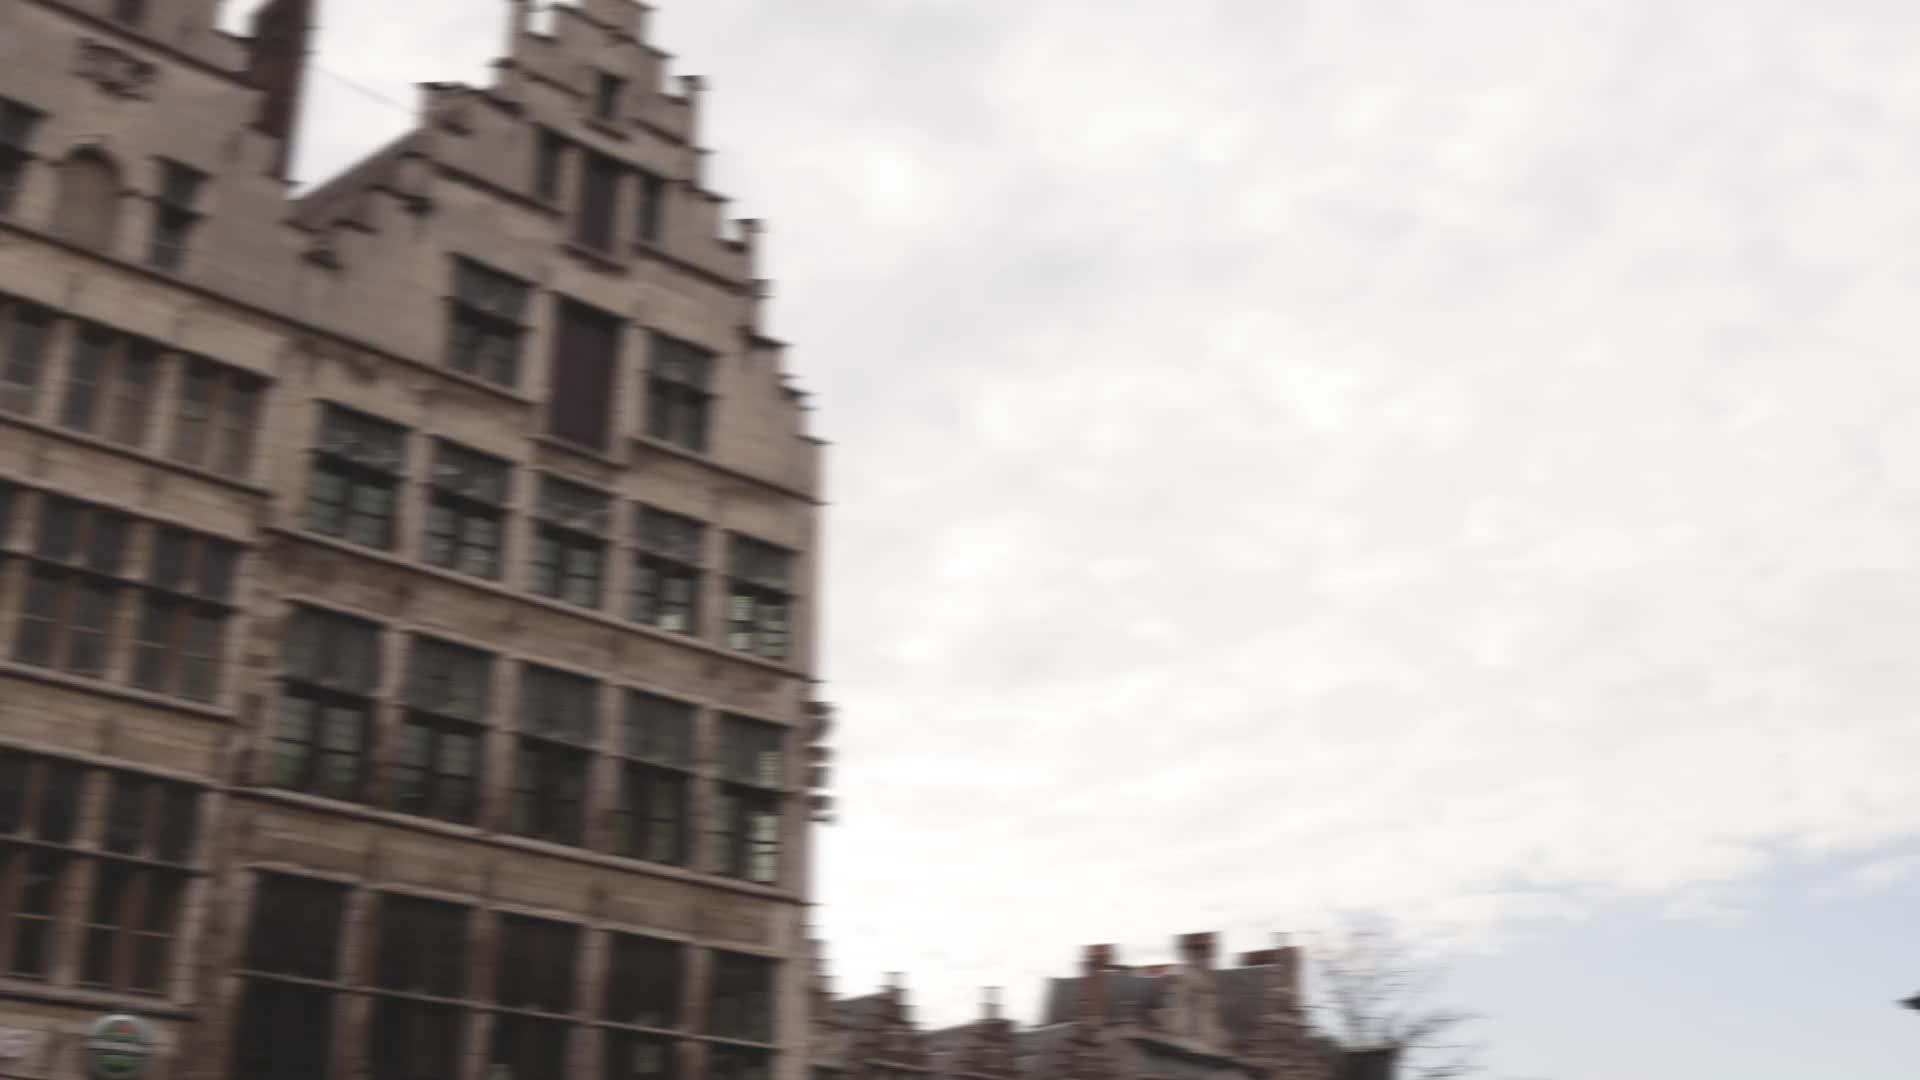 belgium, hyperlapse, timelapse, Belgium hyperlapse GIFs